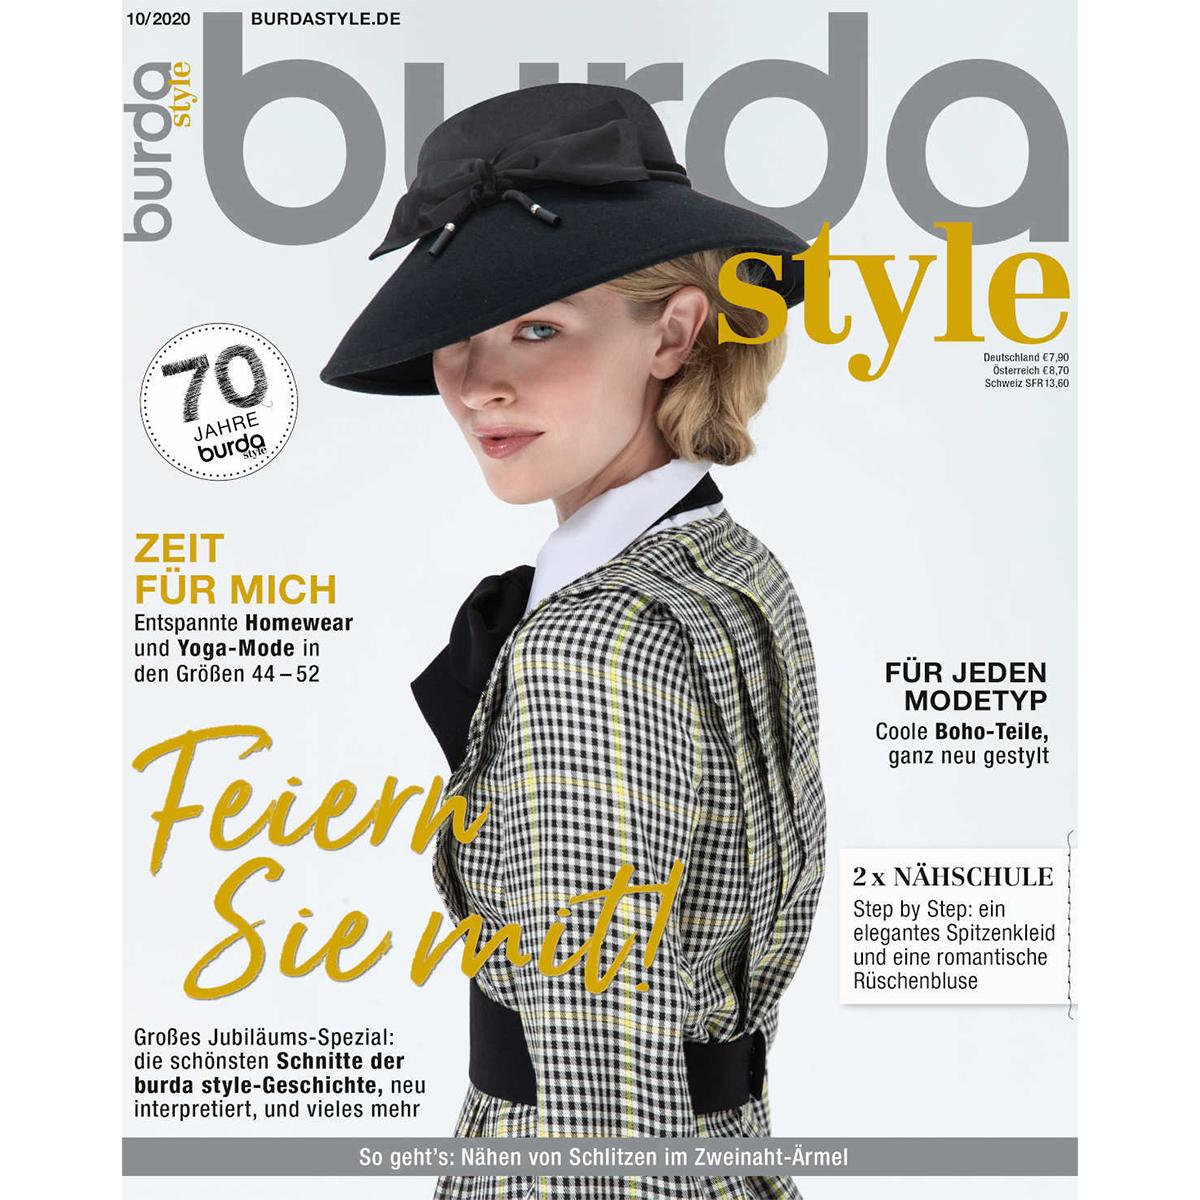 burda style Ausgabe Oktober 2020